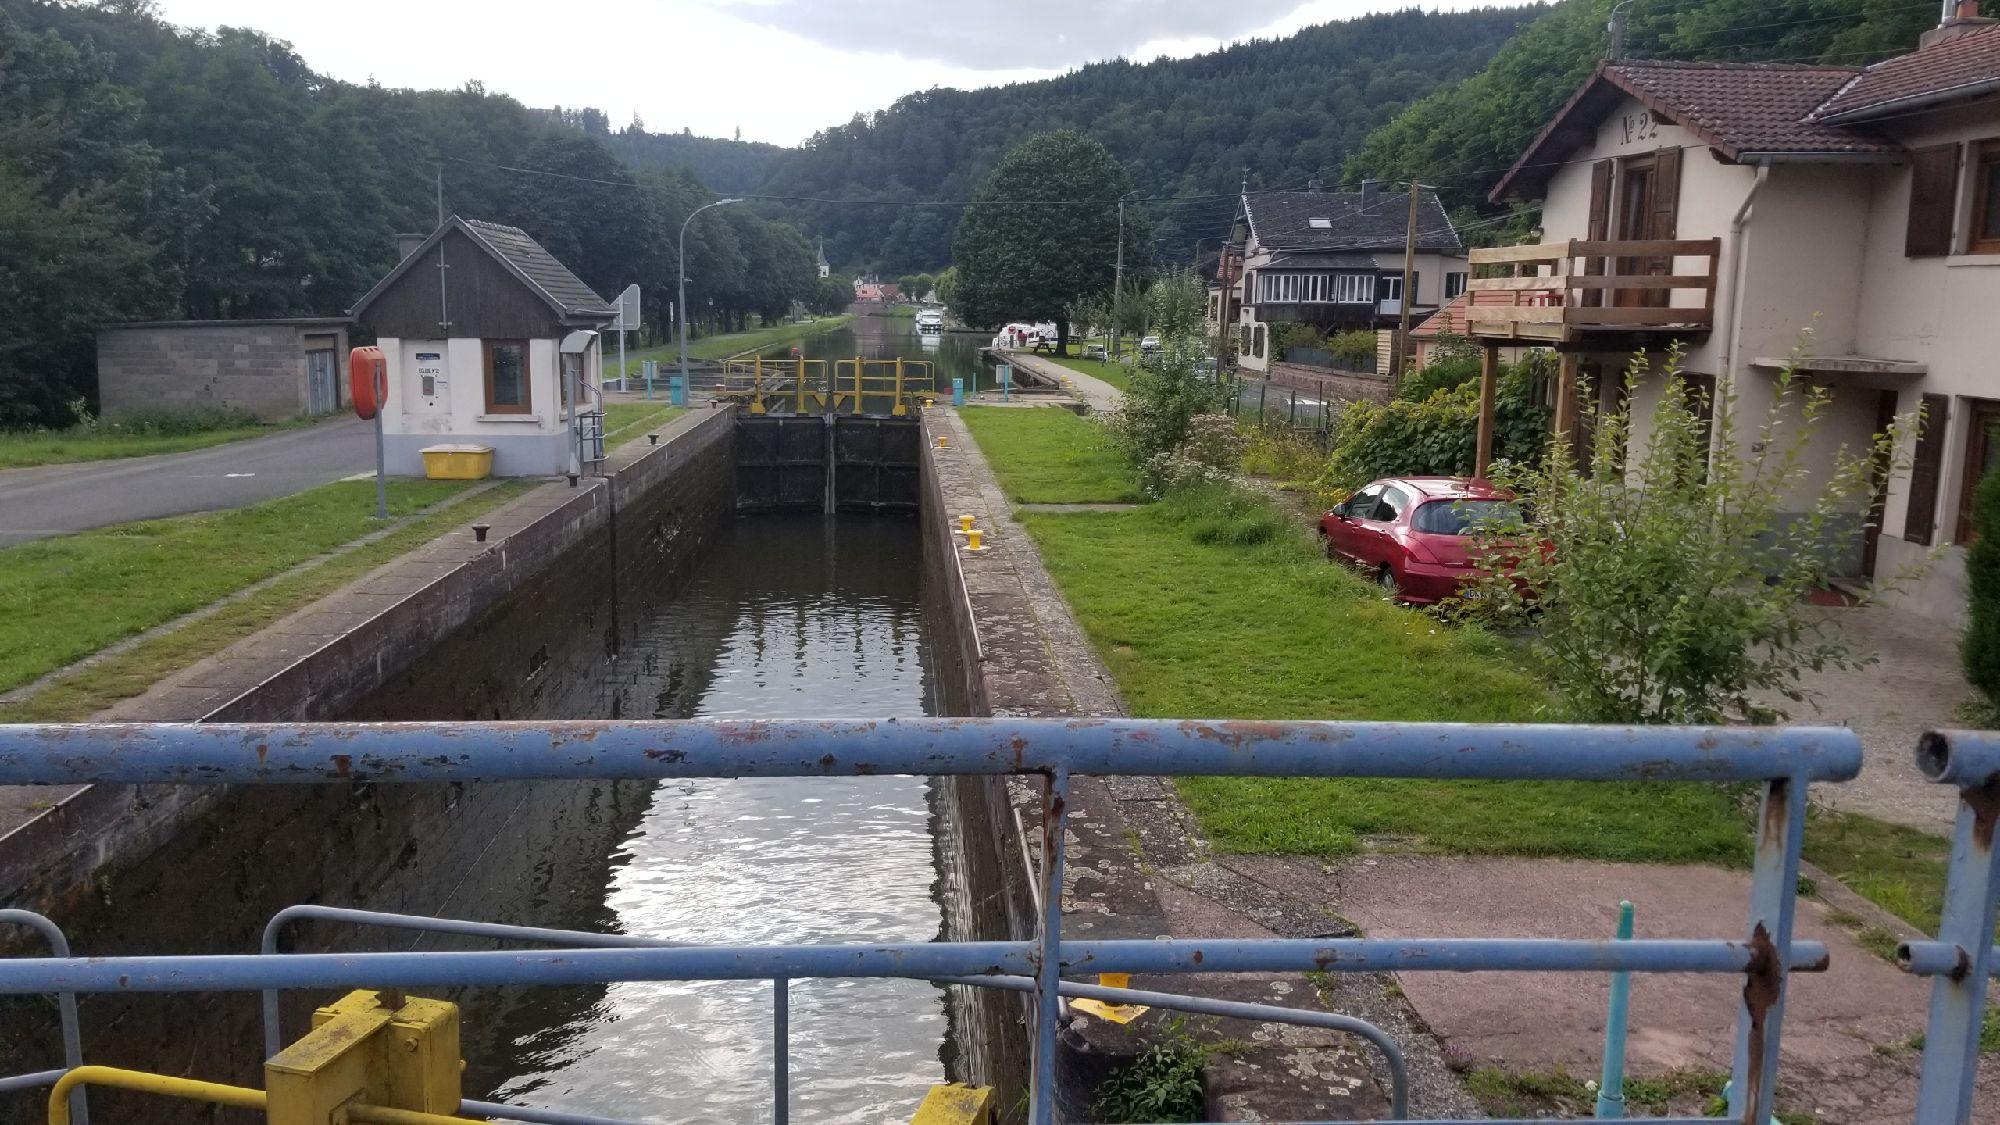 Судоходный канал через Вогезы